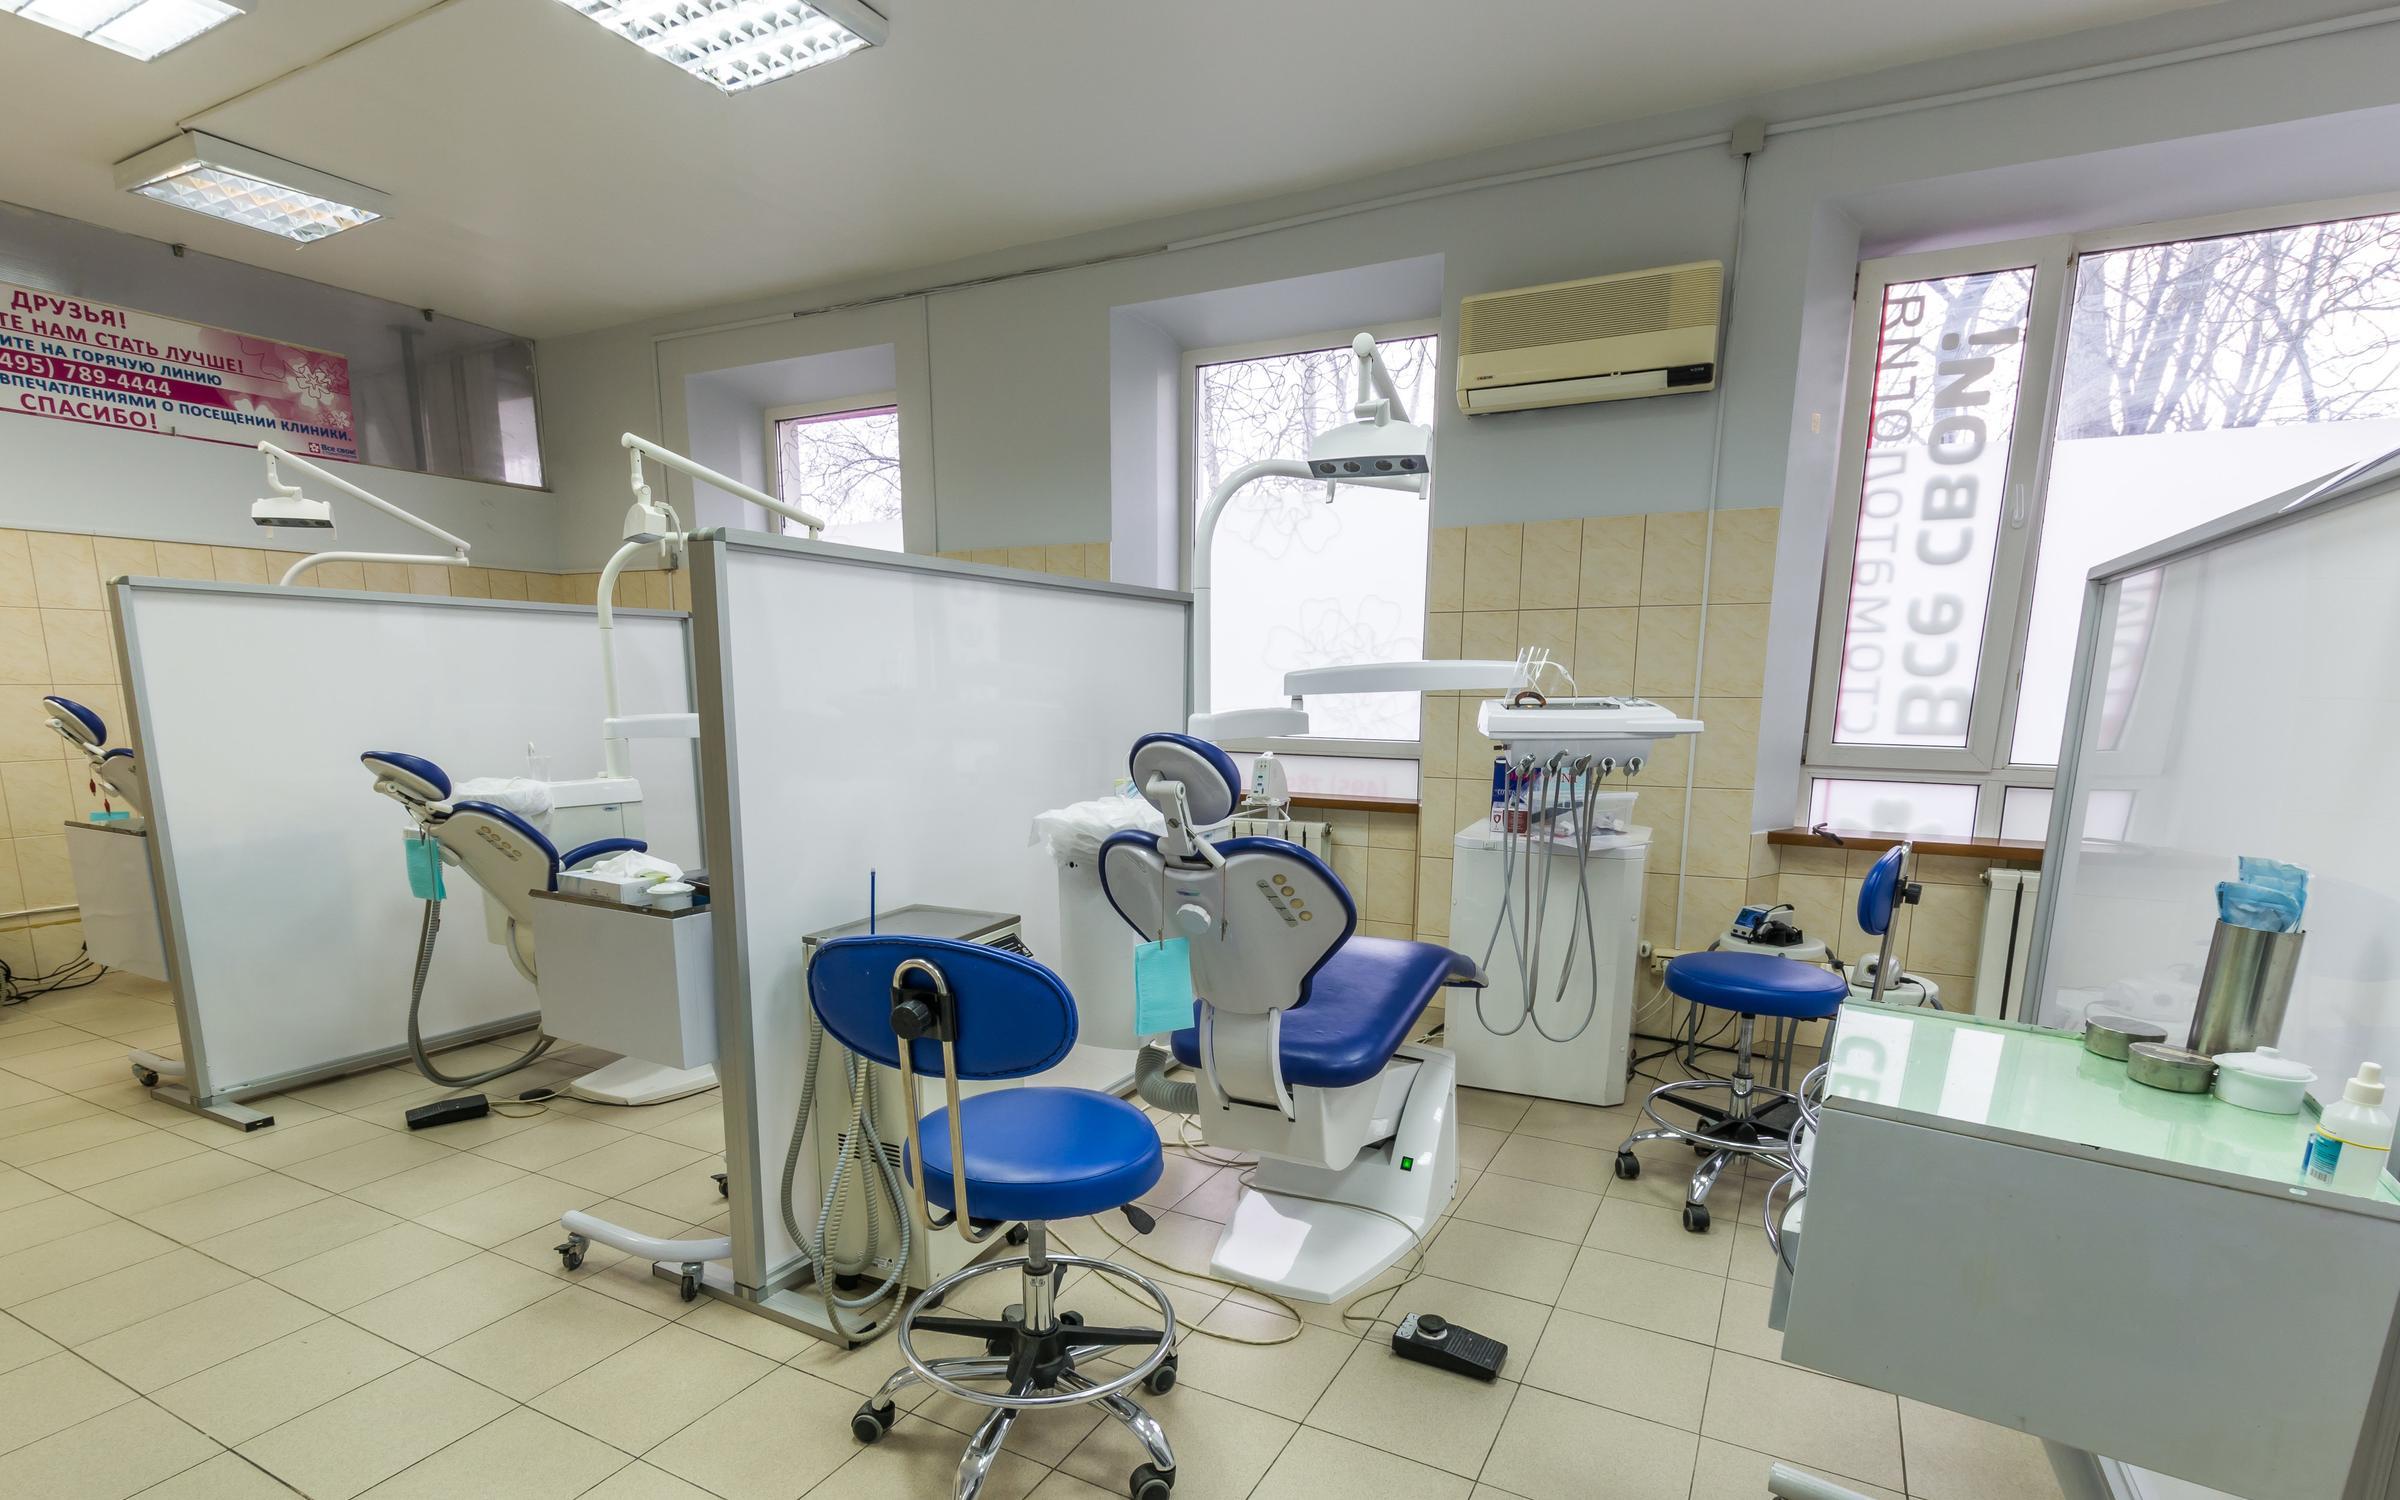 141 поликлиника в бутово официальный сайт